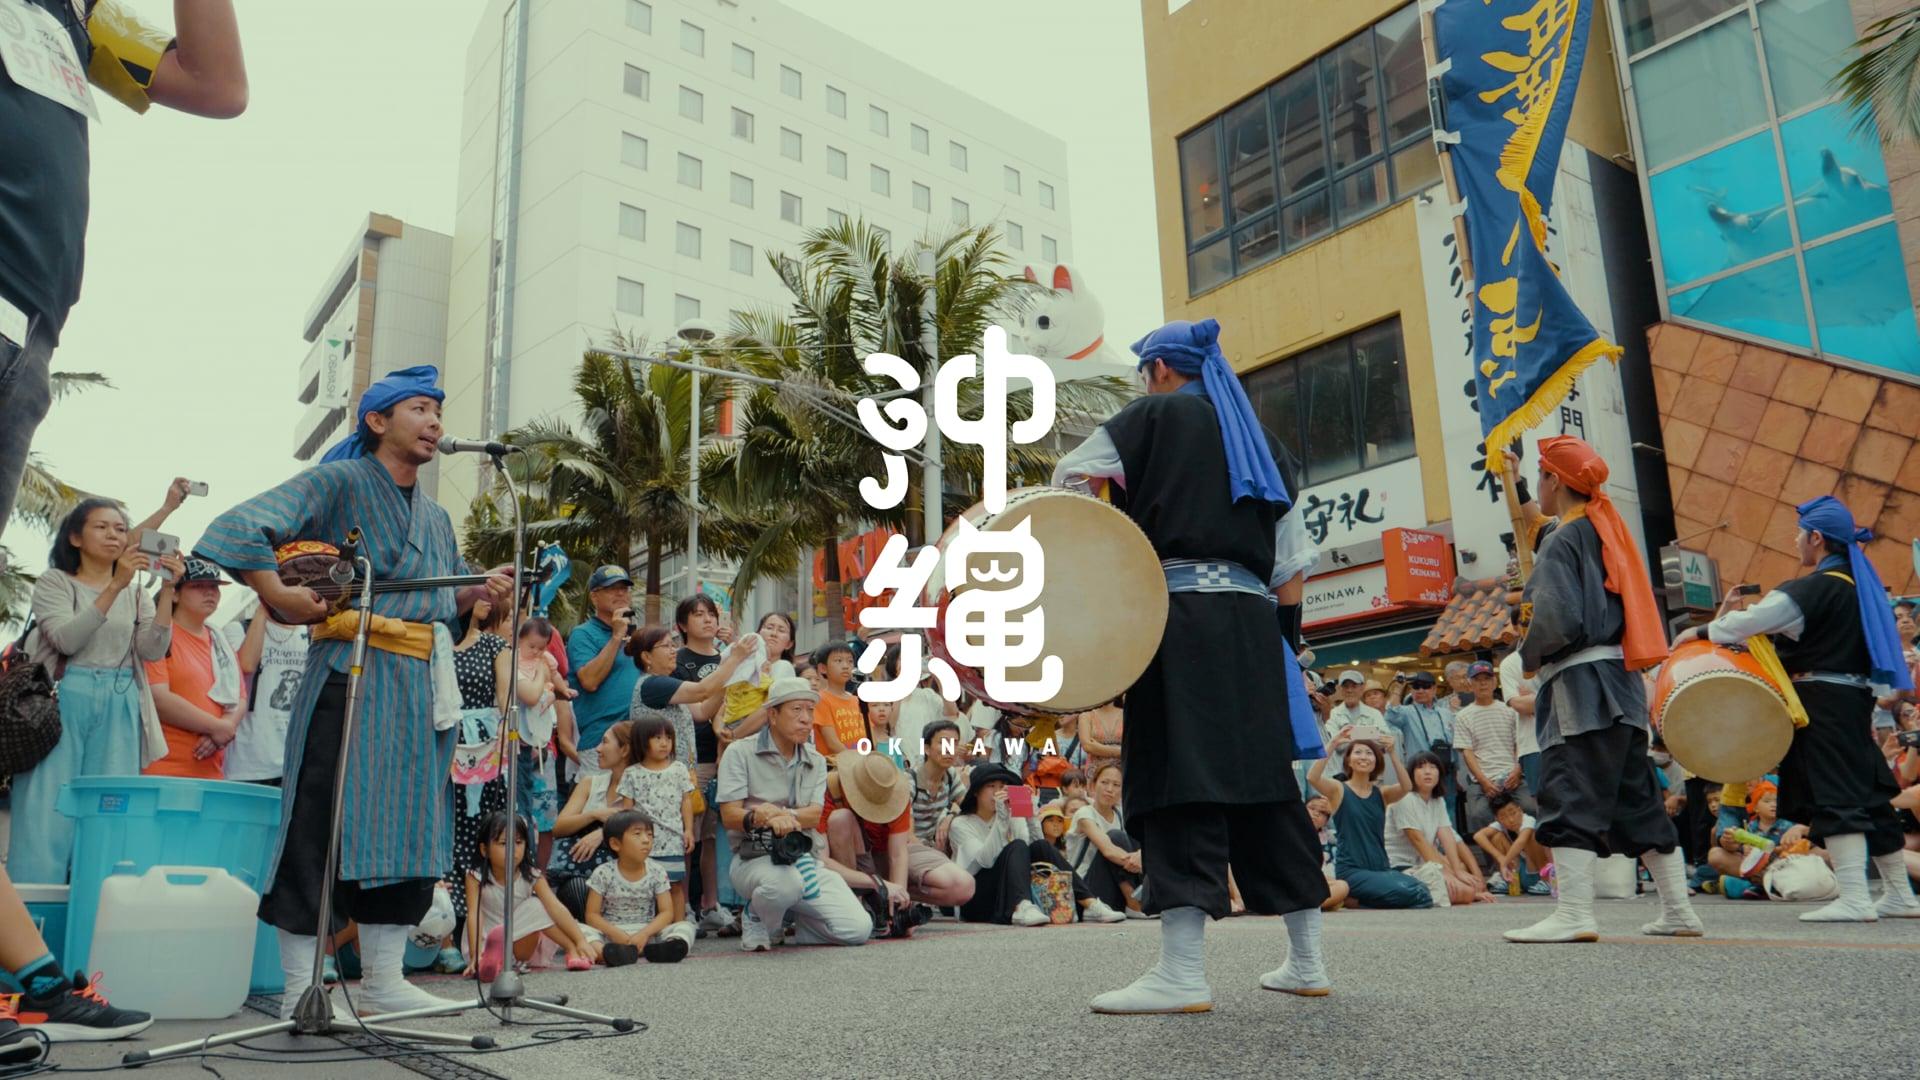 沖繩太鼓 | Trip Video |